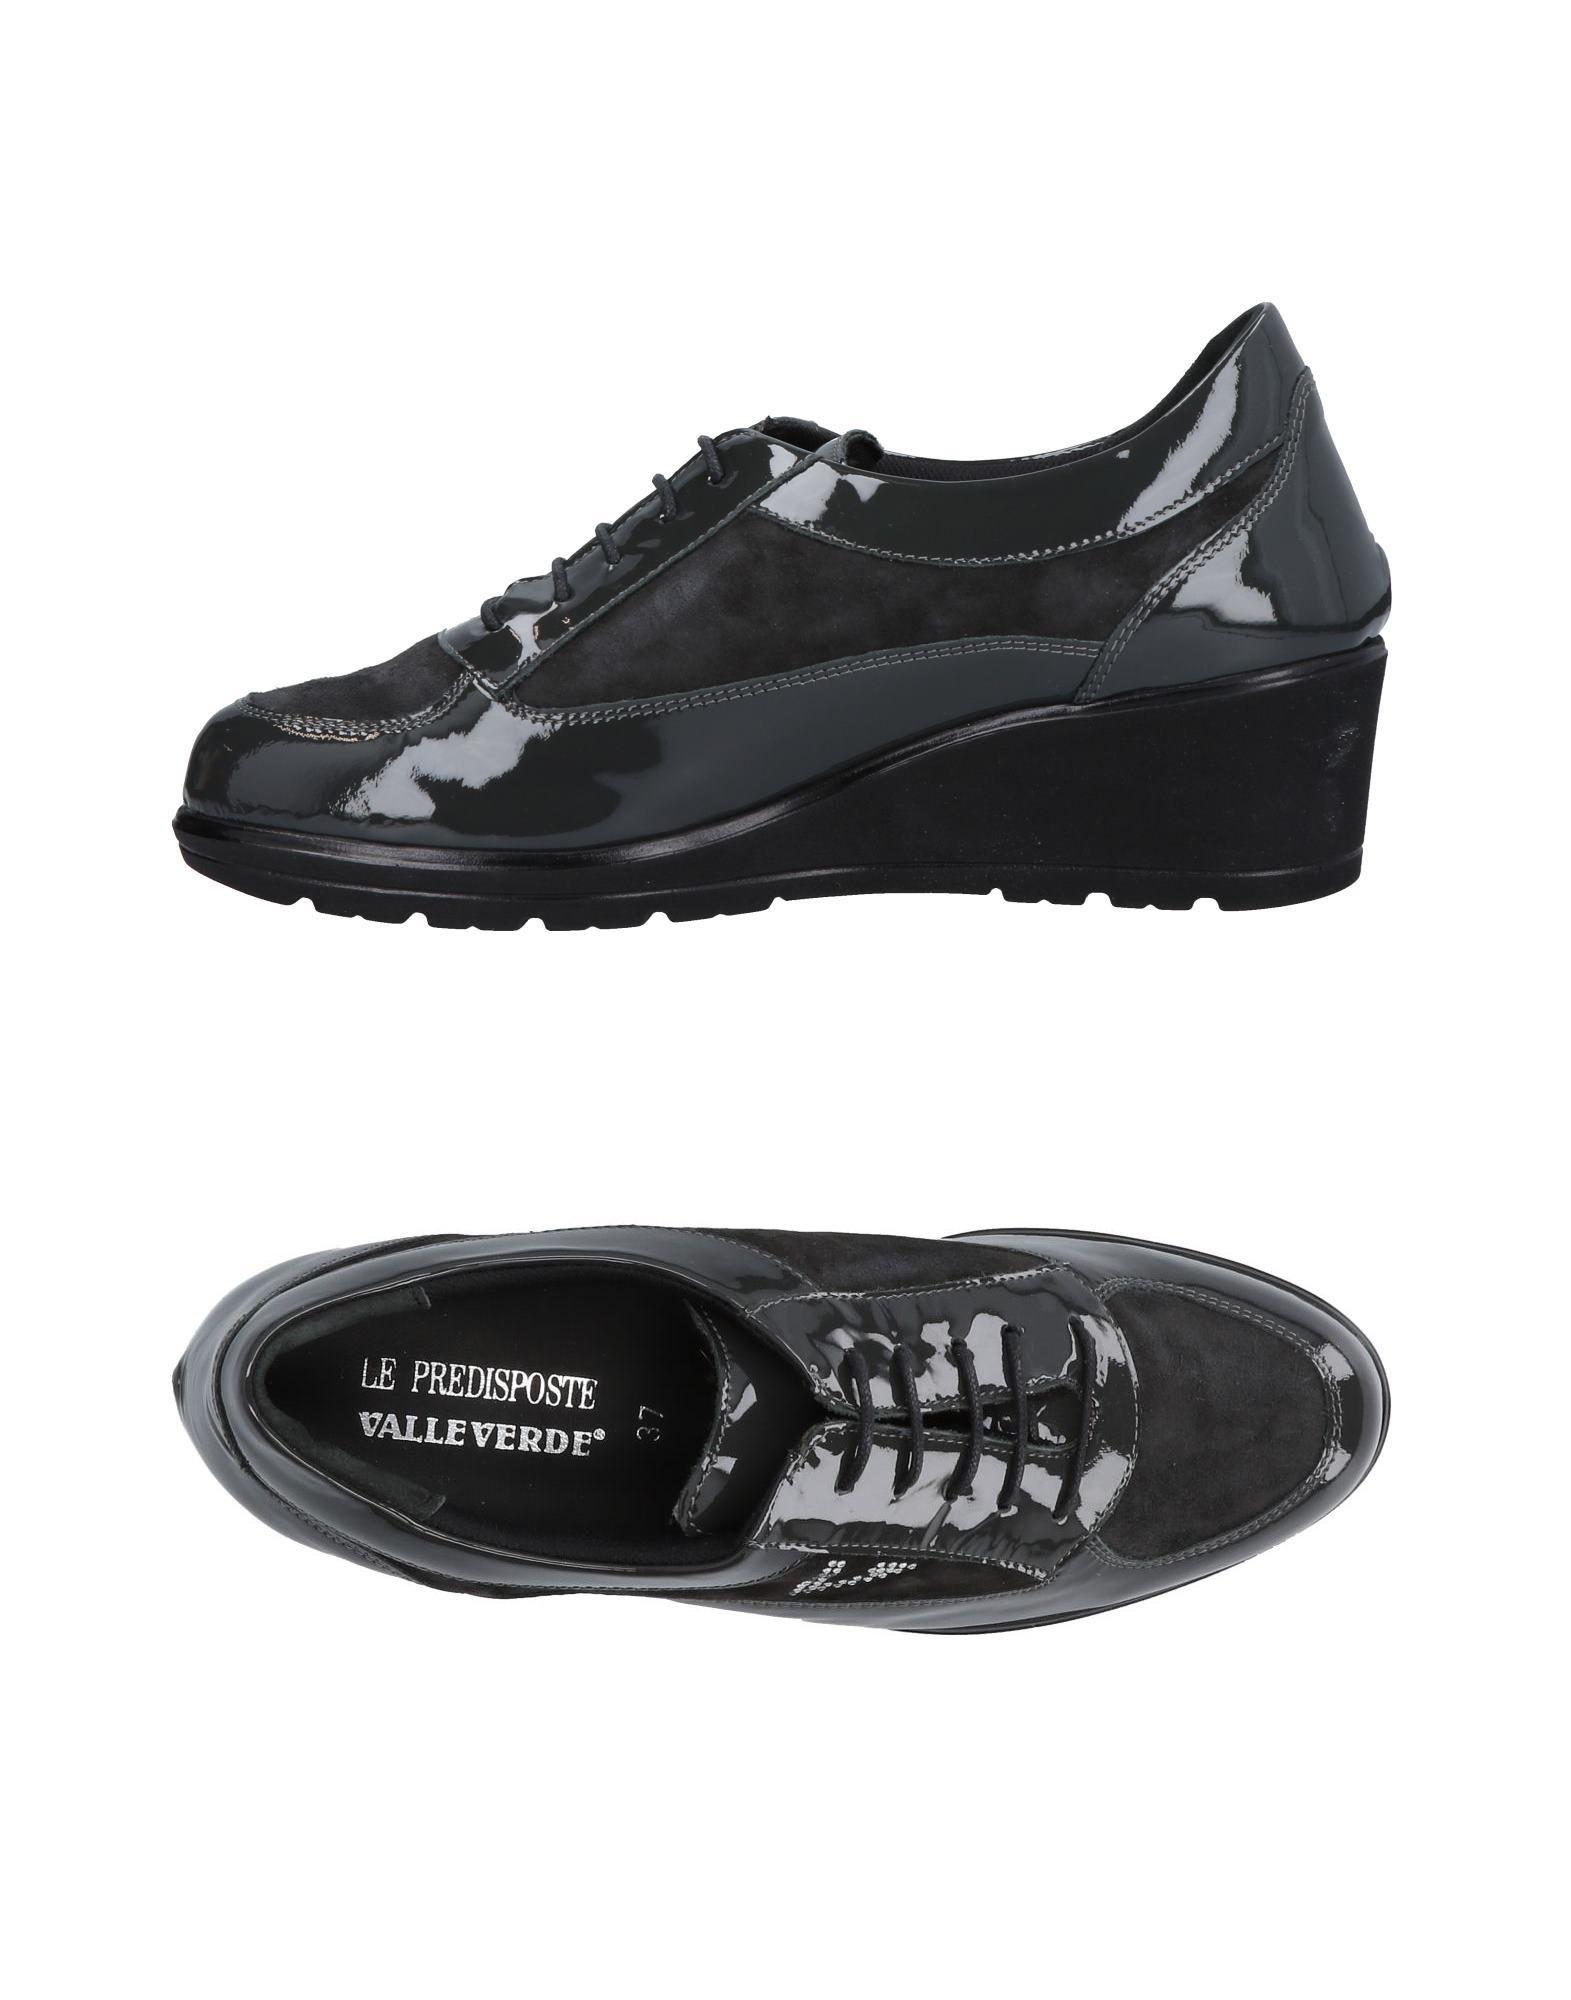 Valleverde Sneakers Damen Gutes Preis-Leistungs-Verhältnis, es lohnt sich 8588